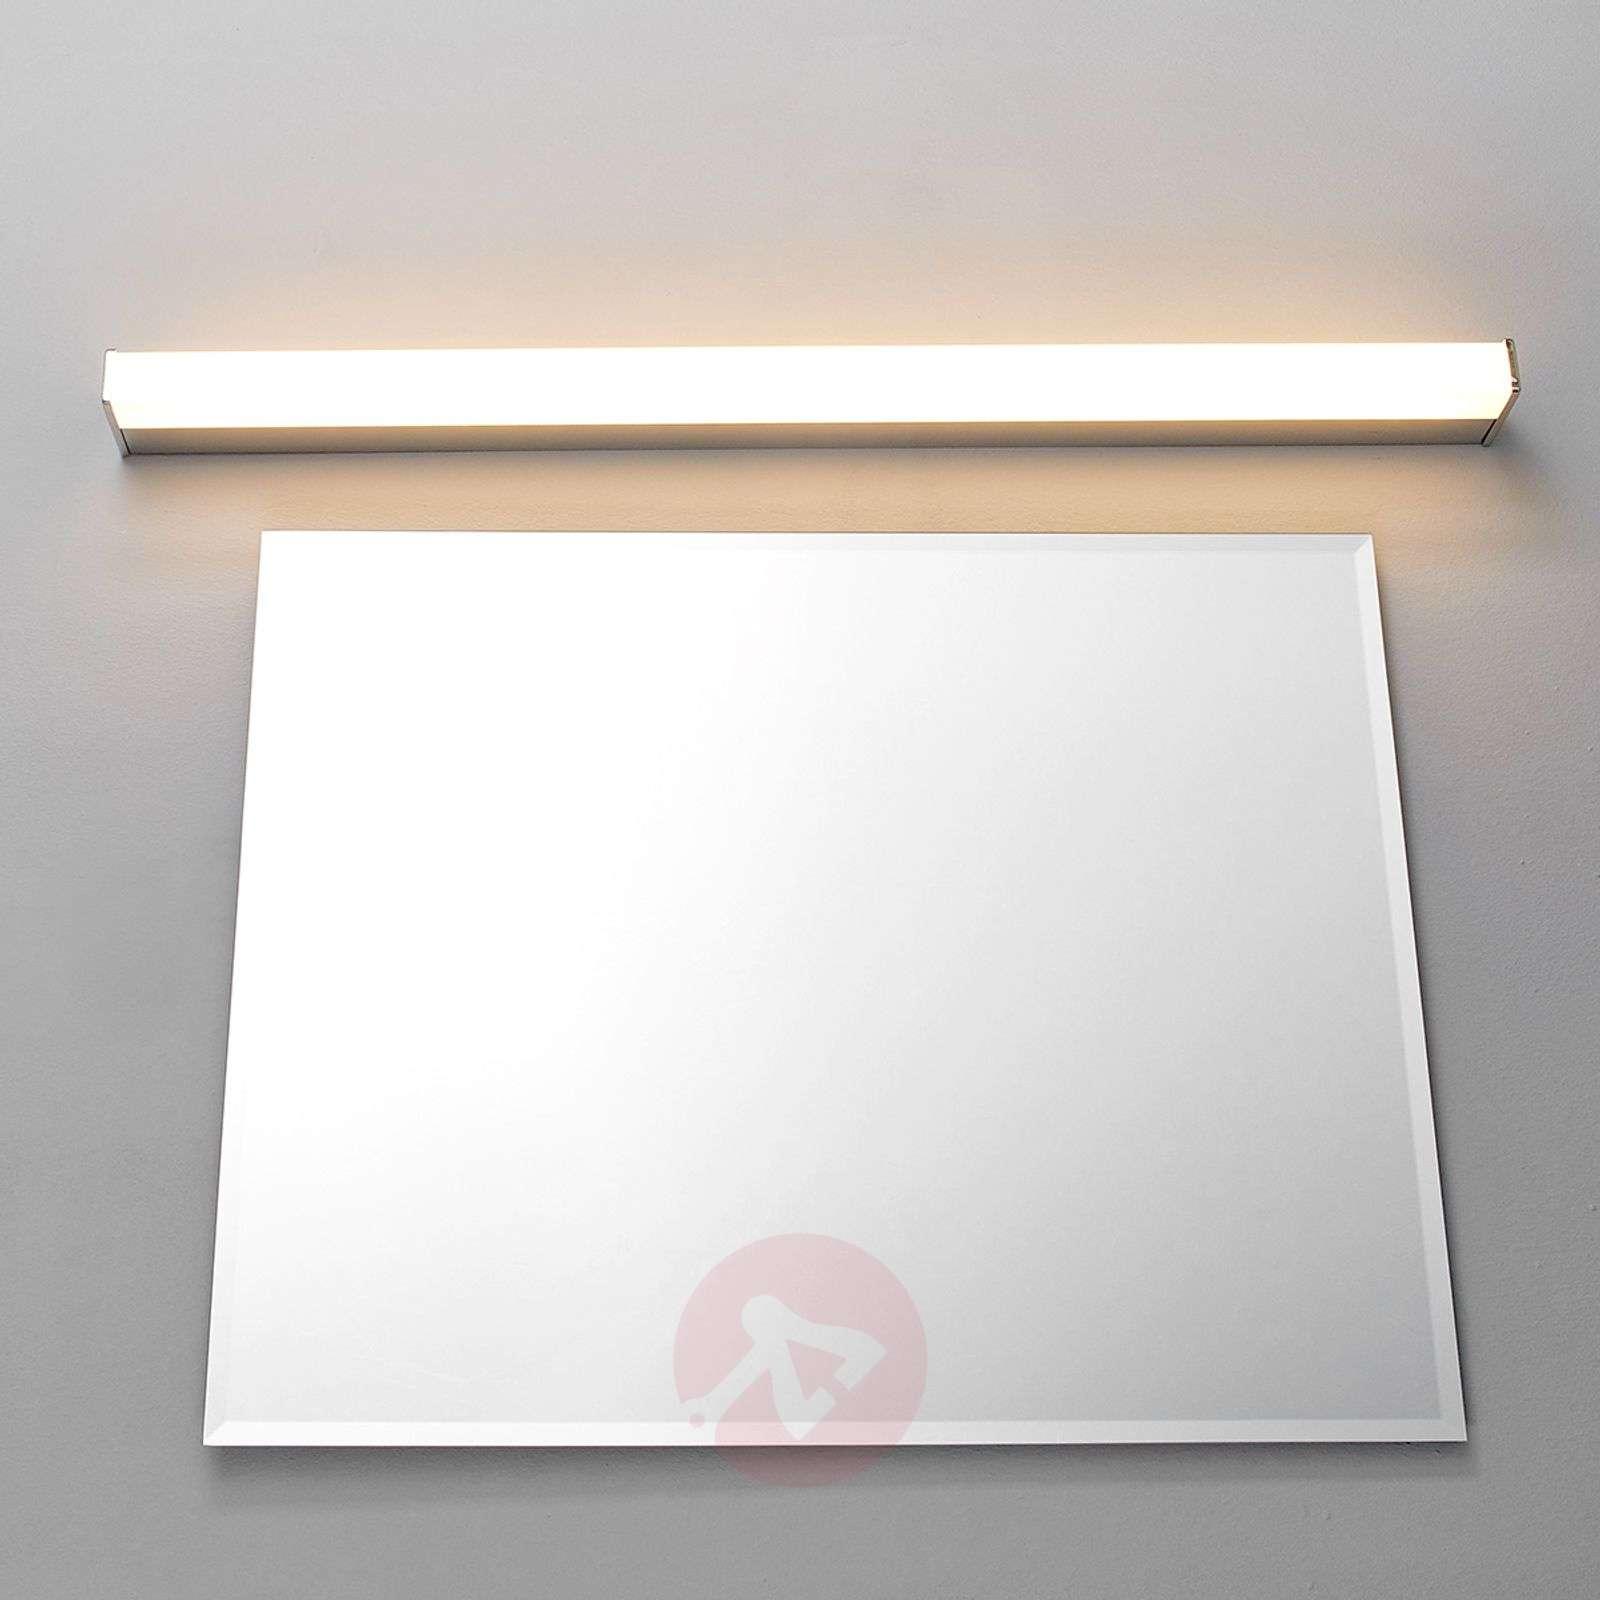 LED-kylpyhuone ja peilivalo Philippa kulmikas 88cm-9641016-01